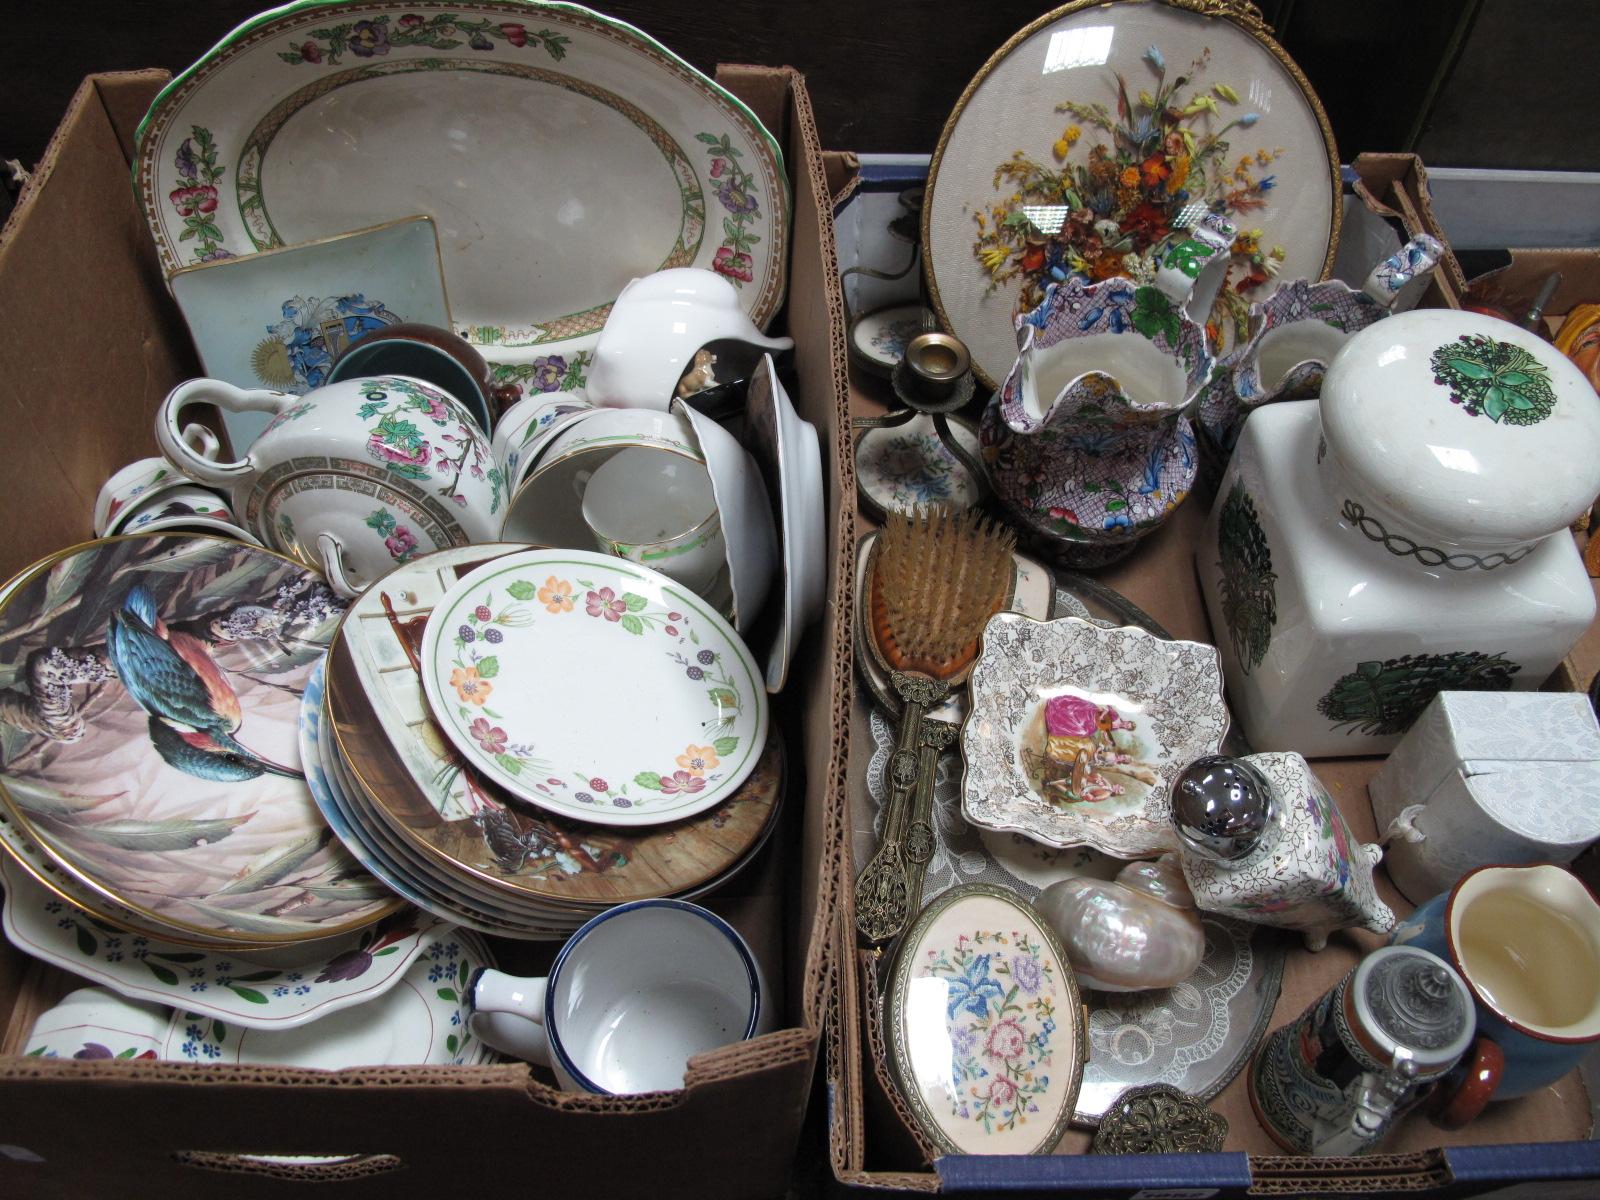 Lot 1052 - A Taunton Vale Kitchen Jar, XIX Century jugs, Midwinter sugar castor, etc:- Two Boxes